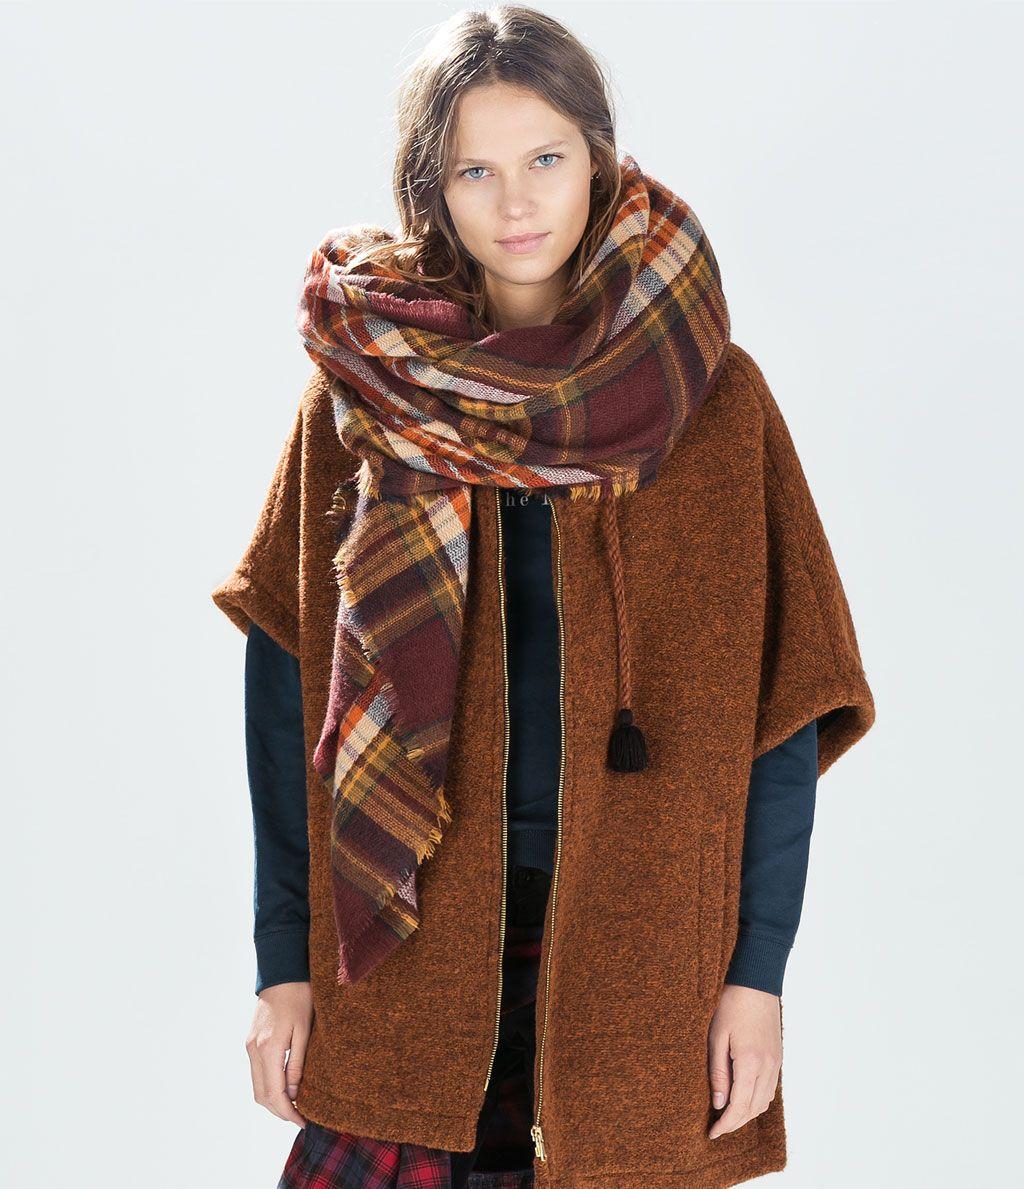 Bufanda de cuadros marrón